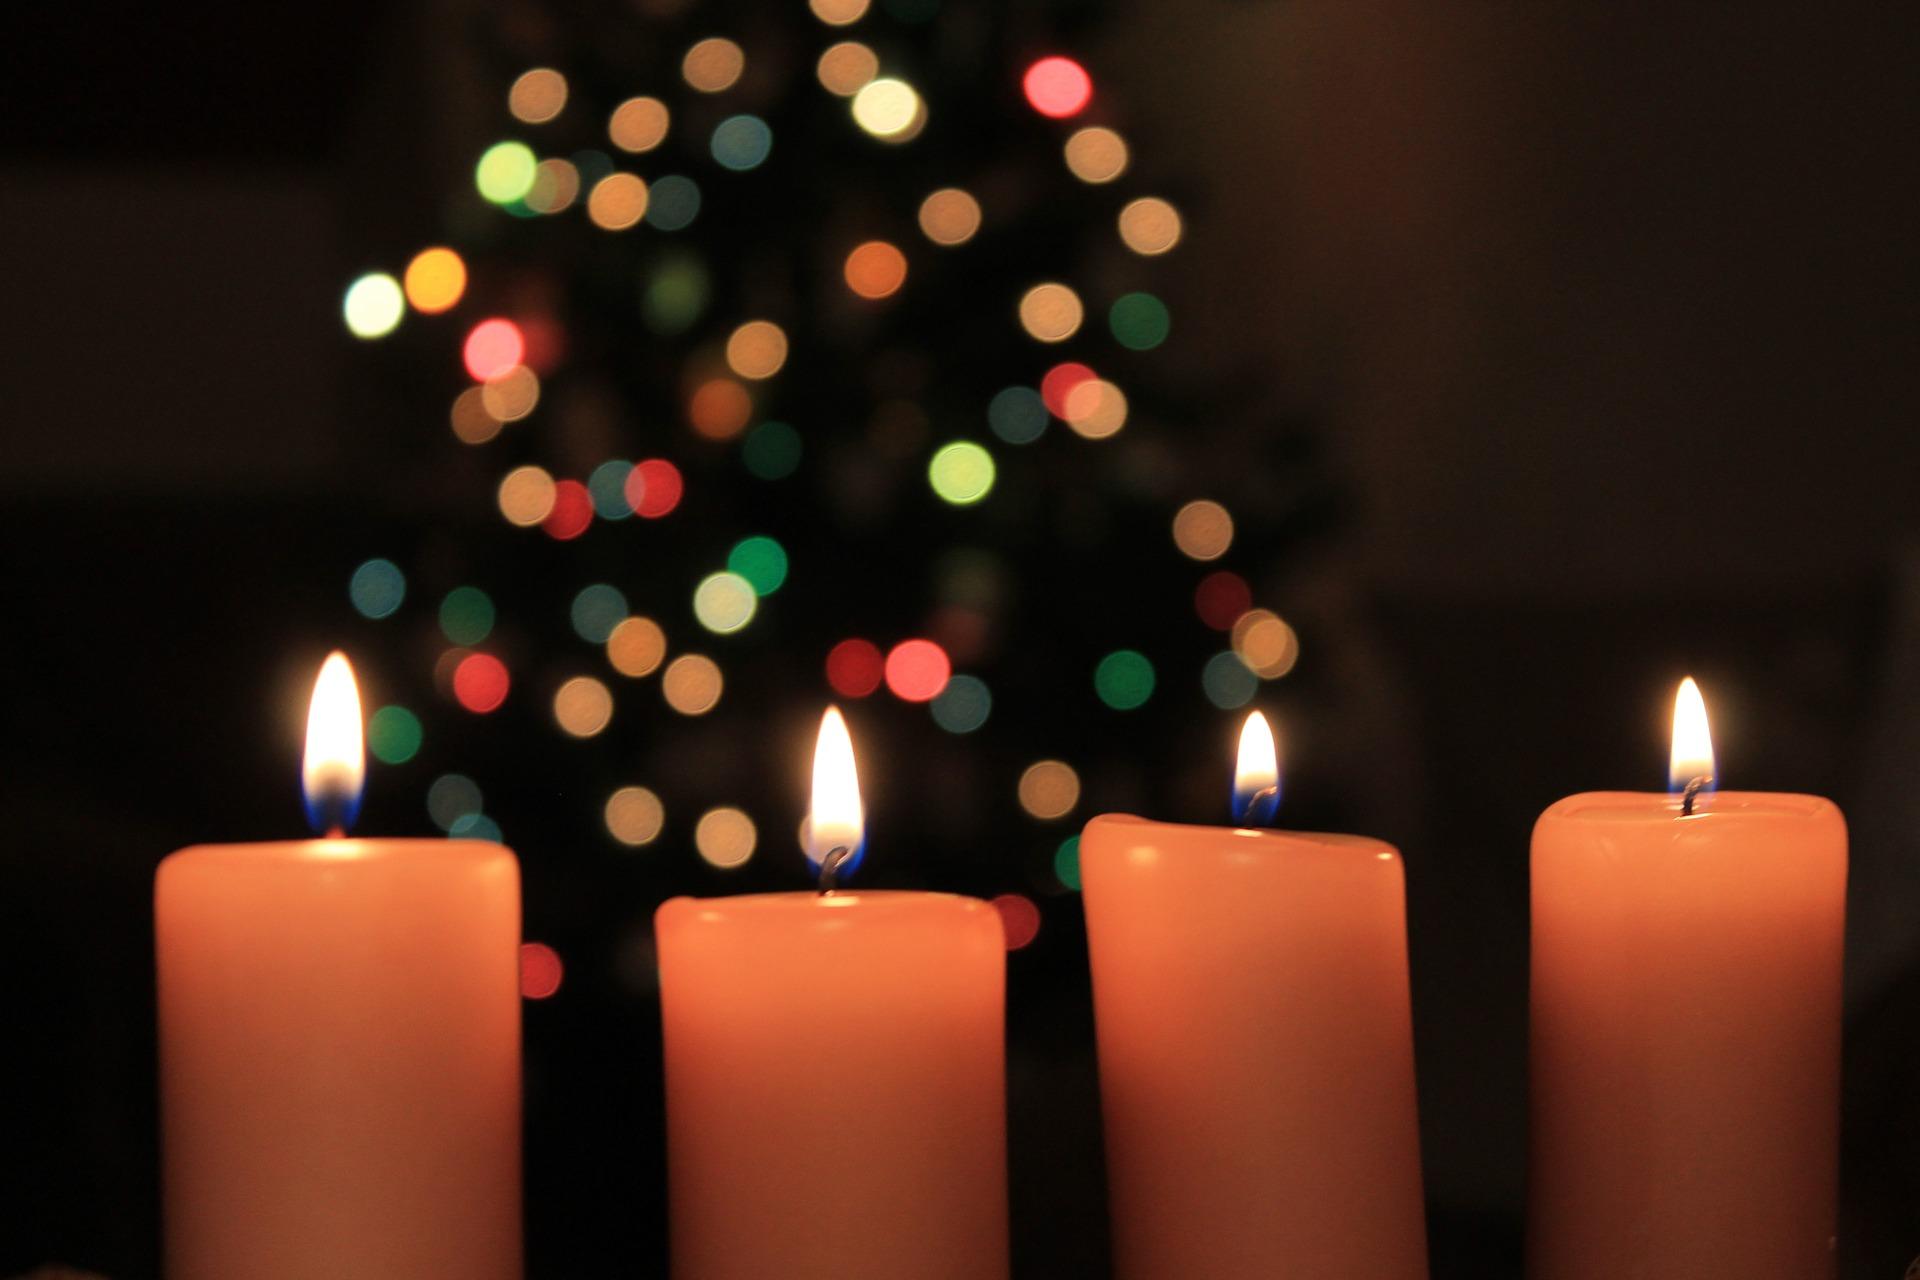 Echte Kerzen an Weihnachten